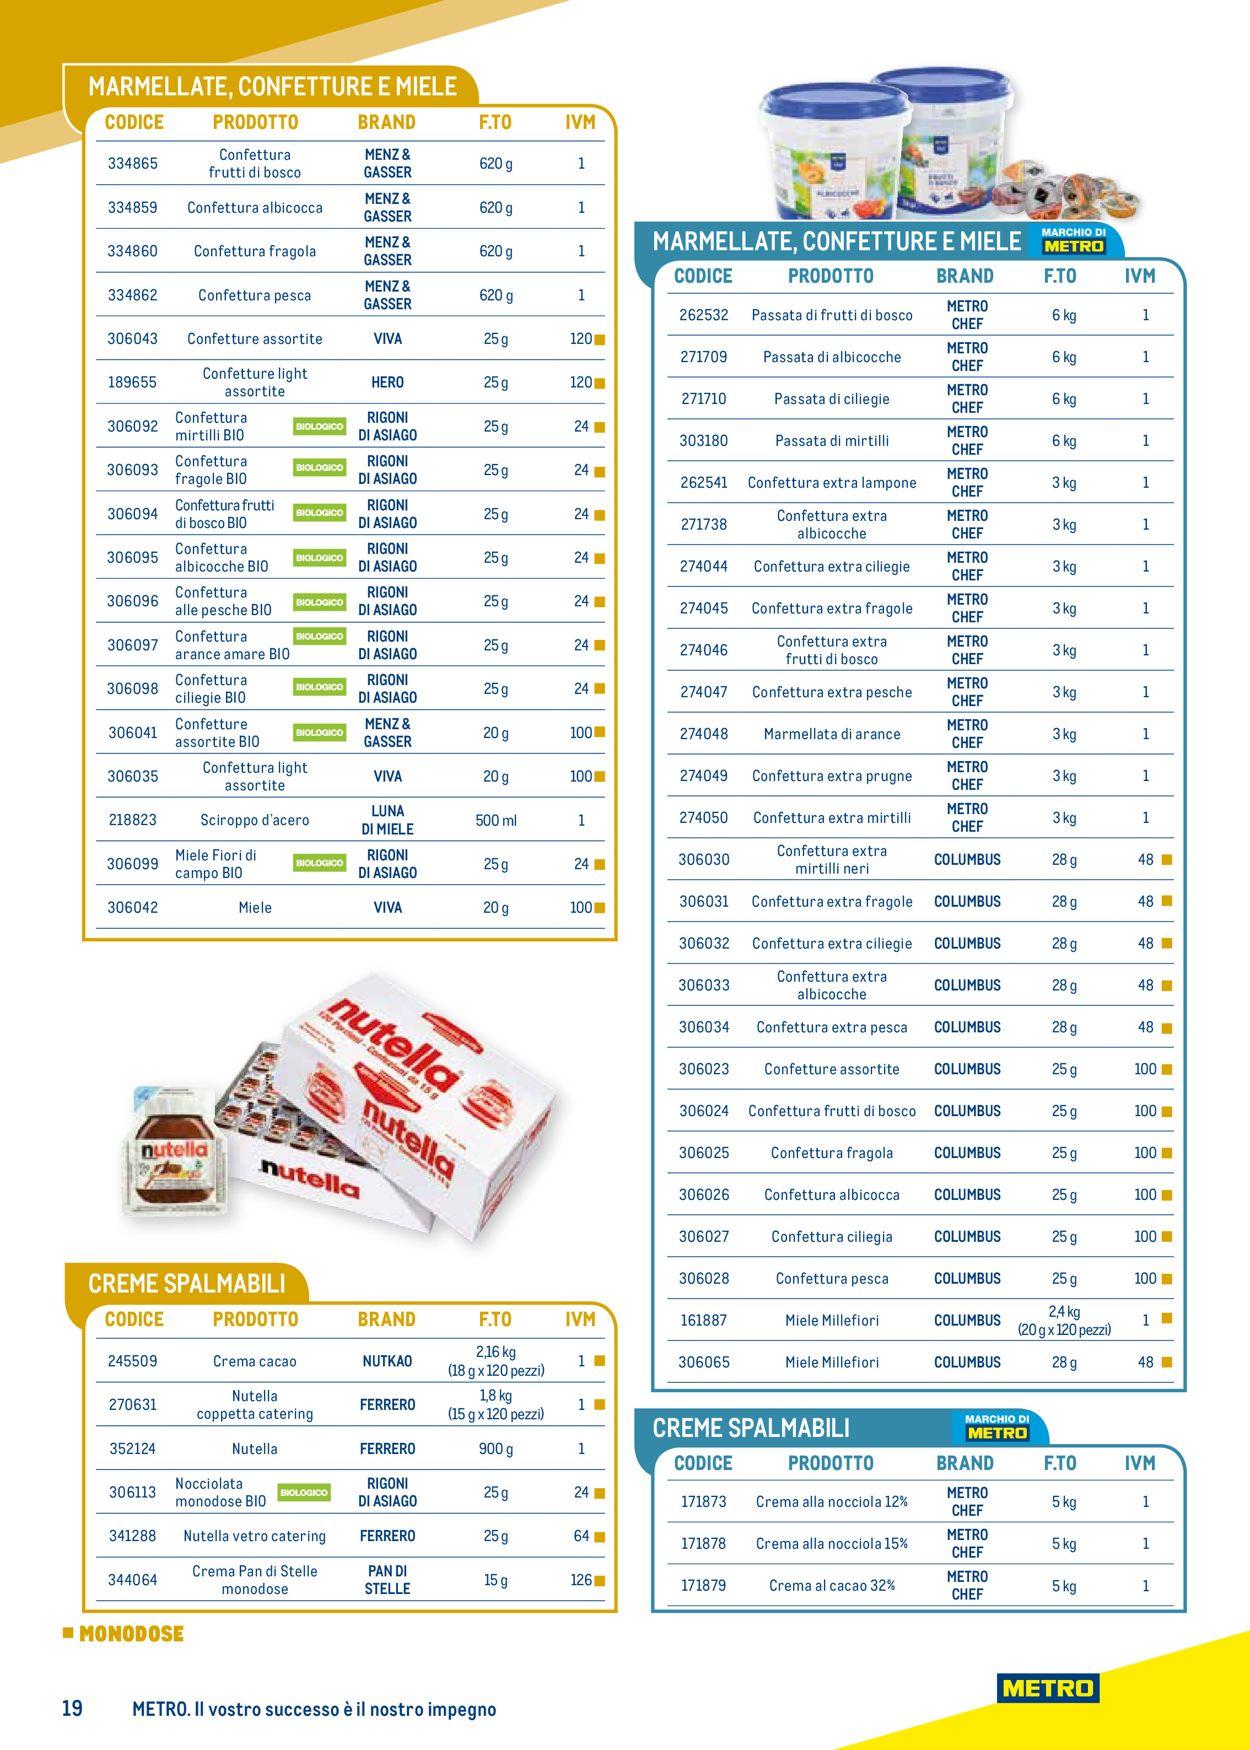 Volantino Metro - Offerte 25/03-24/03/2022 (Pagina 19)